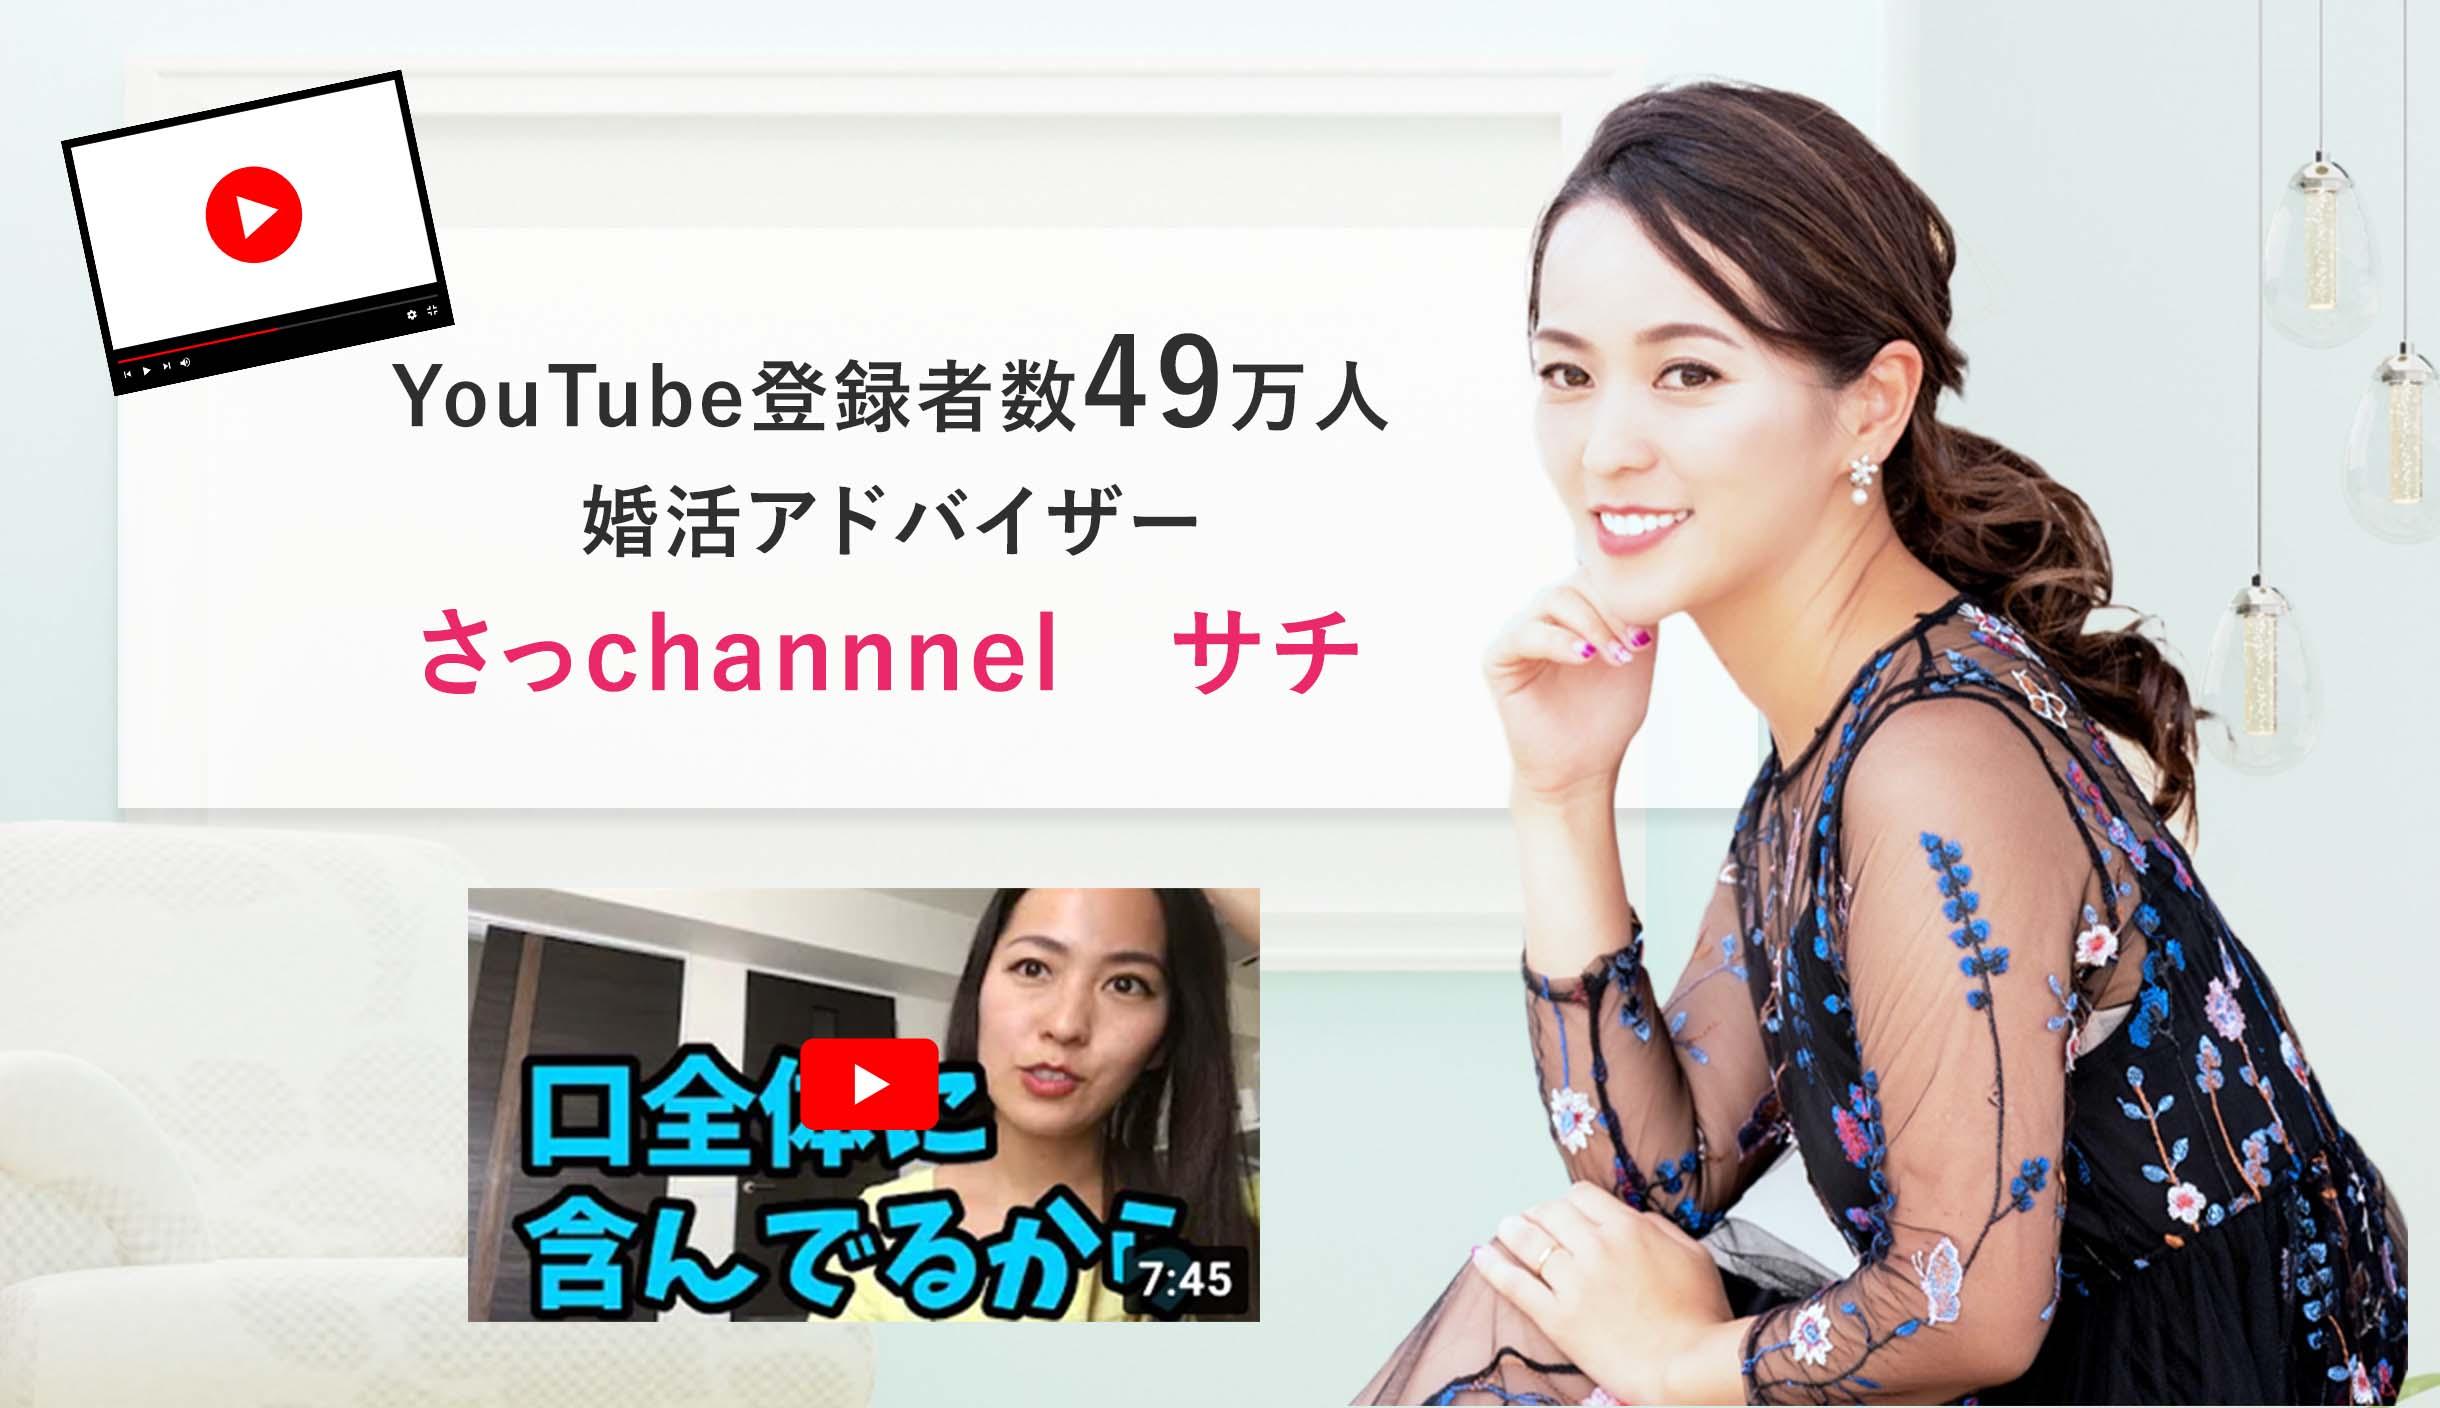 YouTube登録者数49万人 婚活アドバイザー さっchannnel サチ